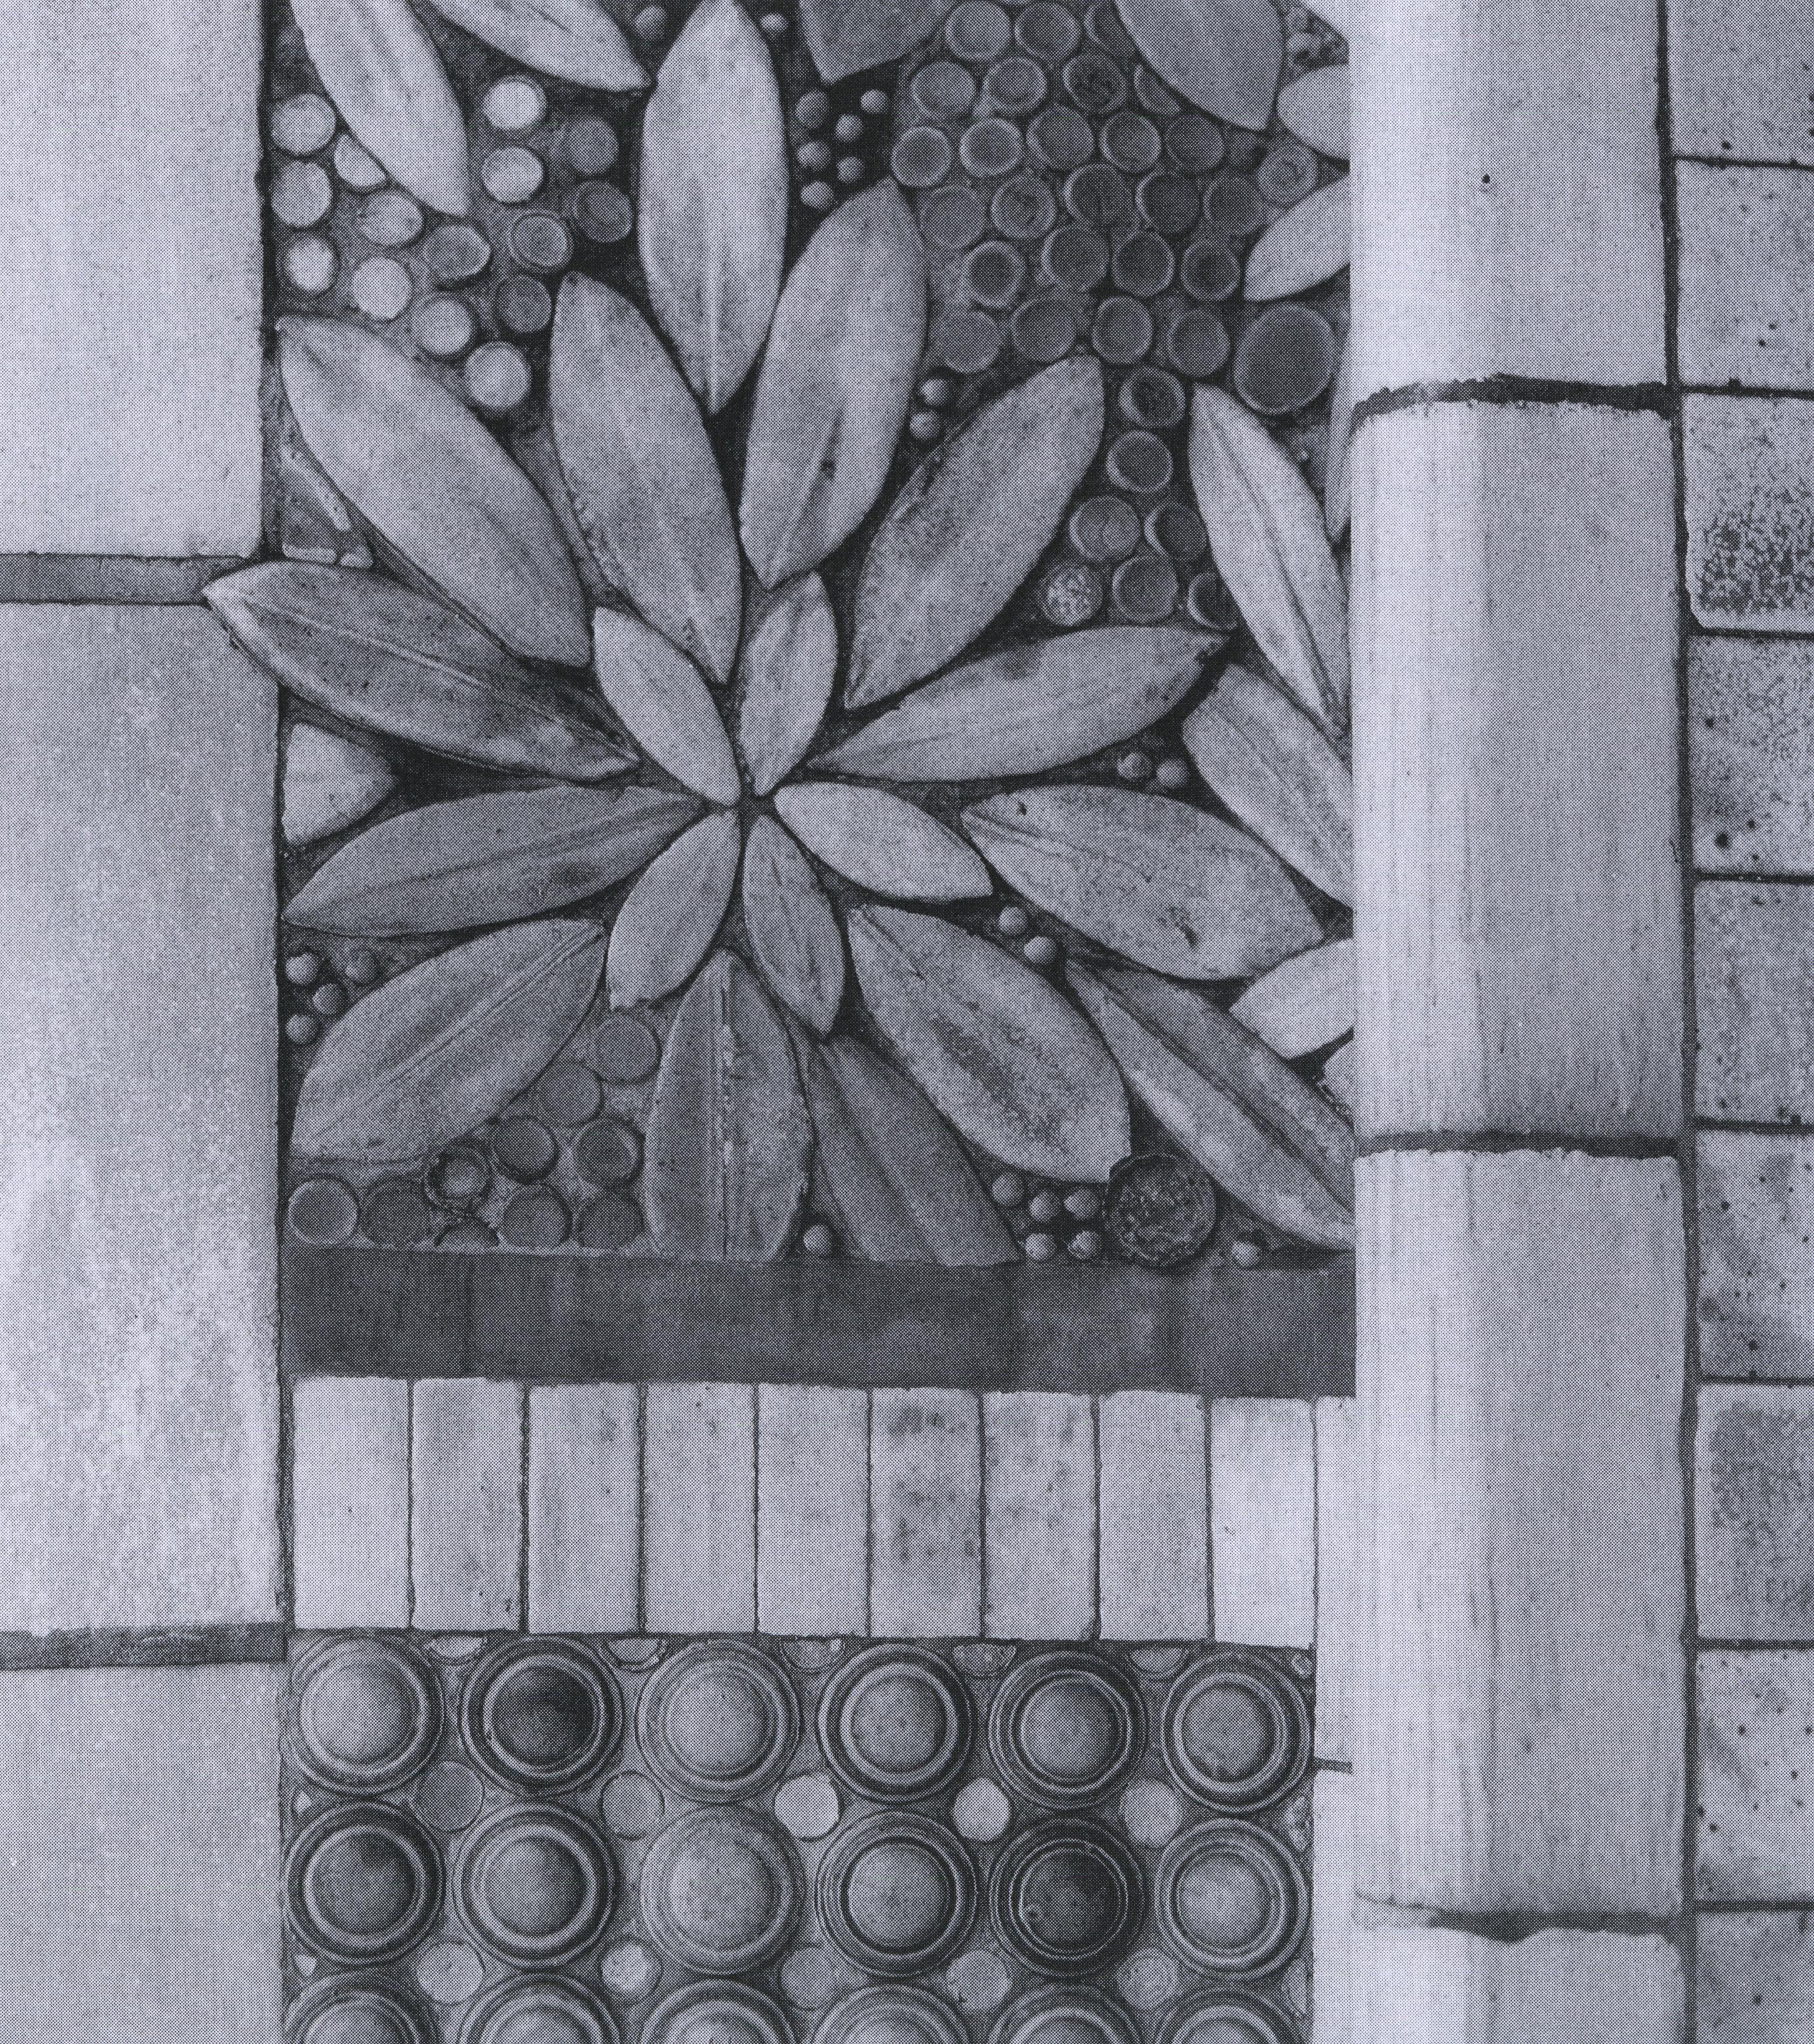 auguste perret_immeuble d'habitation (1902-1904)_paris